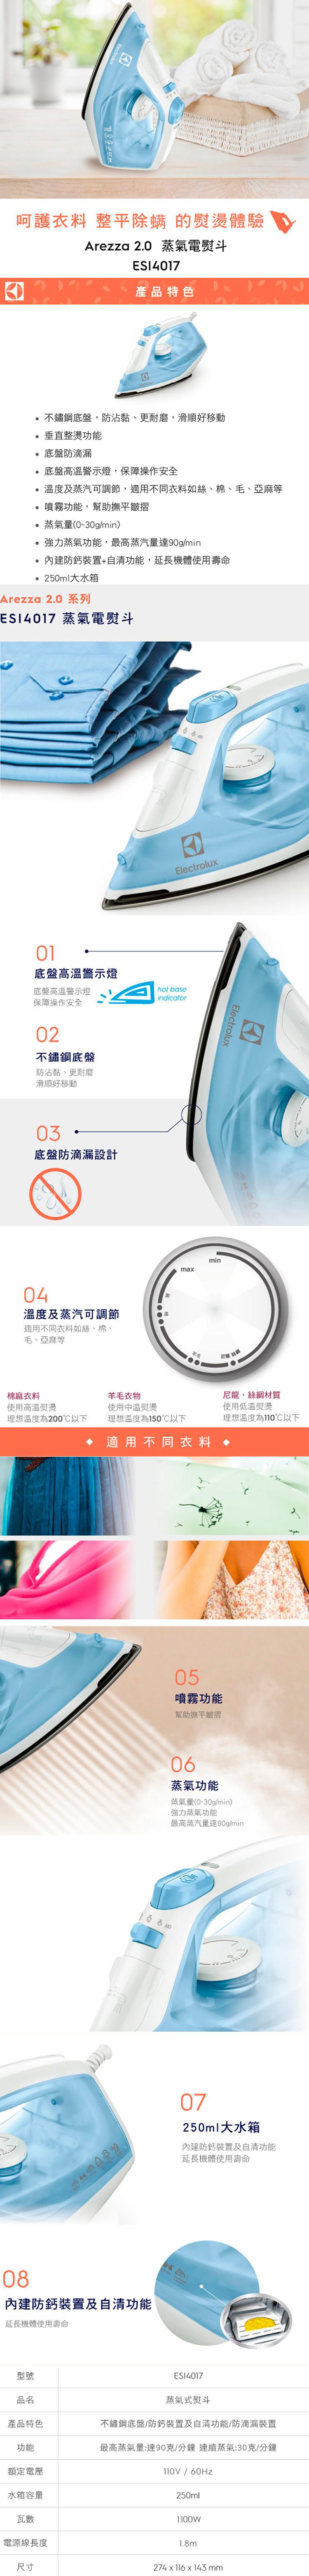 特賣【Electrolux 伊萊克斯】Arezza 2.0 蒸氣電熨斗 ESI4017